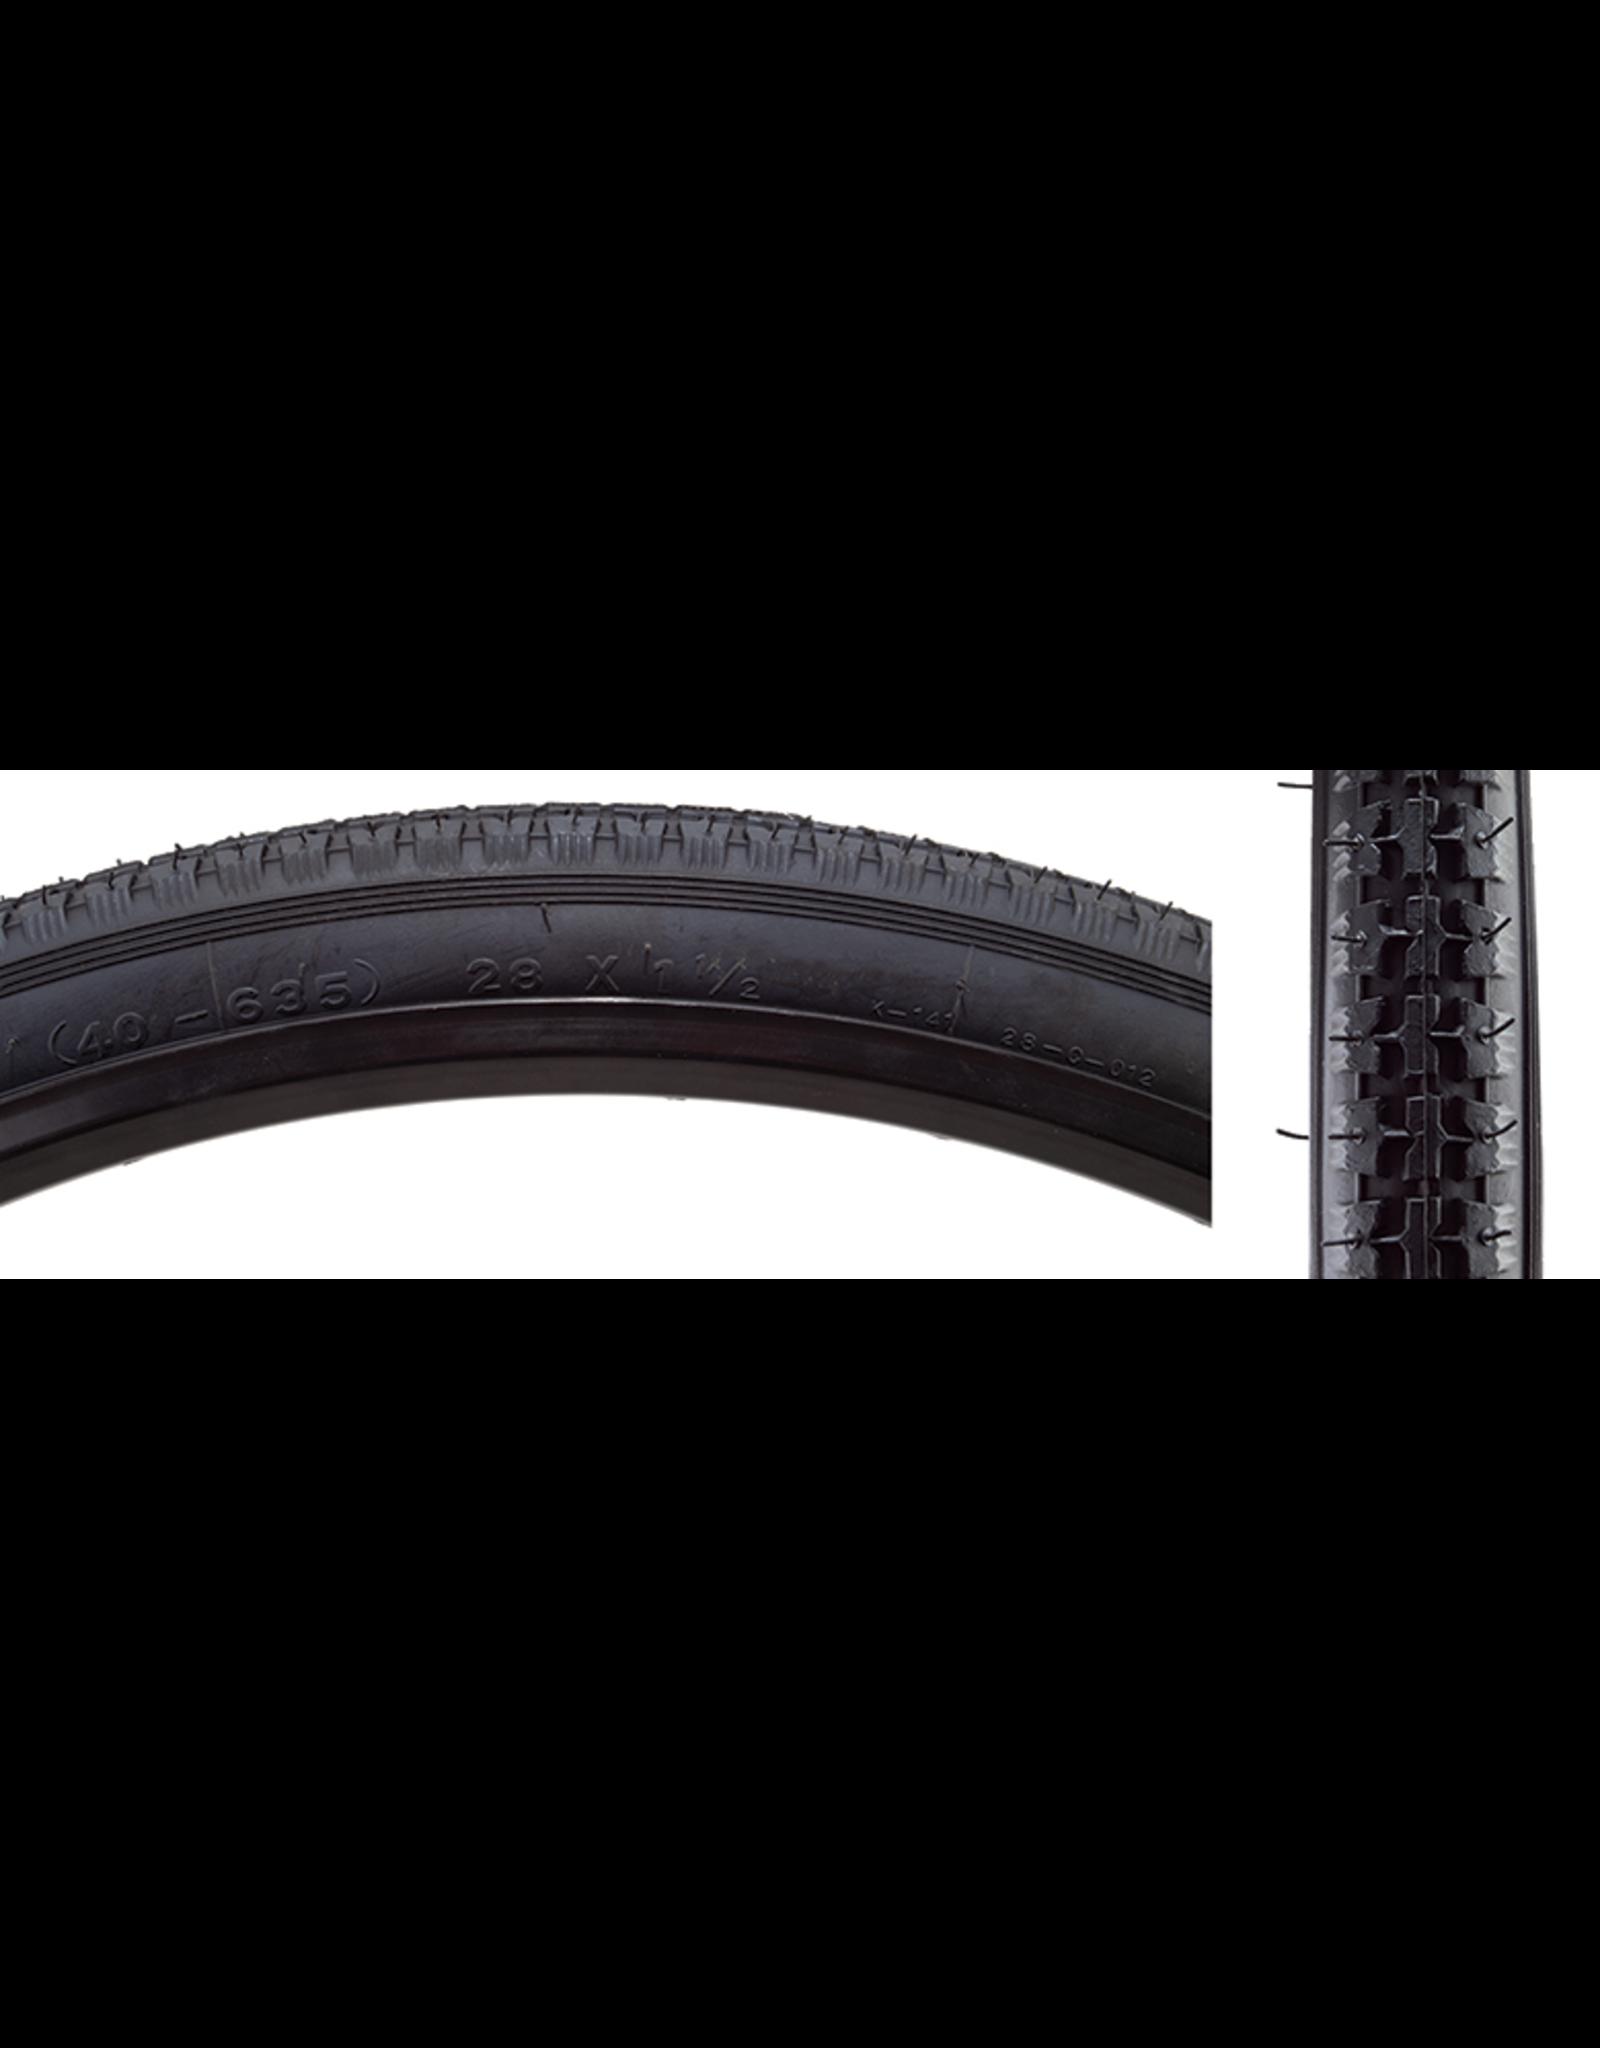 """Sunlite Sunlite 28"""" x 1-1/2"""" Tire (635mm Dutch)"""